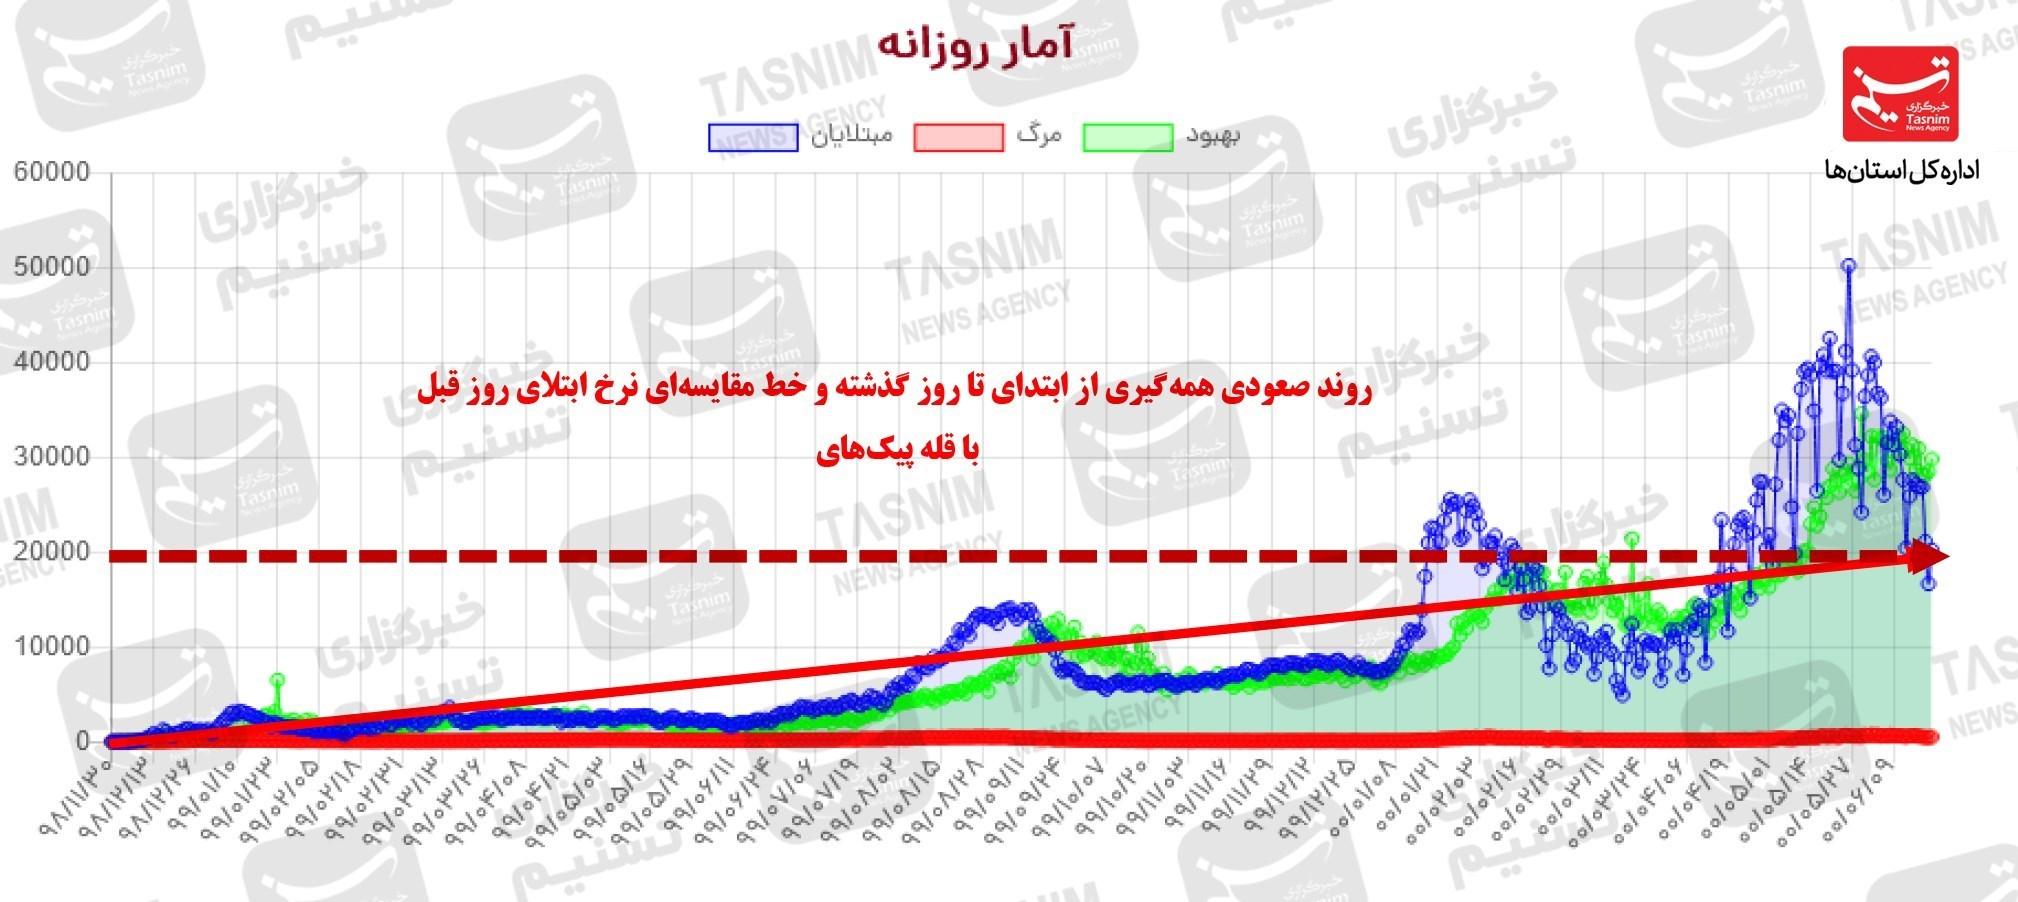 جدیدترین اخبار کرونا در ایران  روند واکسیناسیون در کشور سرعت گرفت/ تزریق واکسن دانش آموزان شرط بازگشایی مدارس + نقشه و نمودار